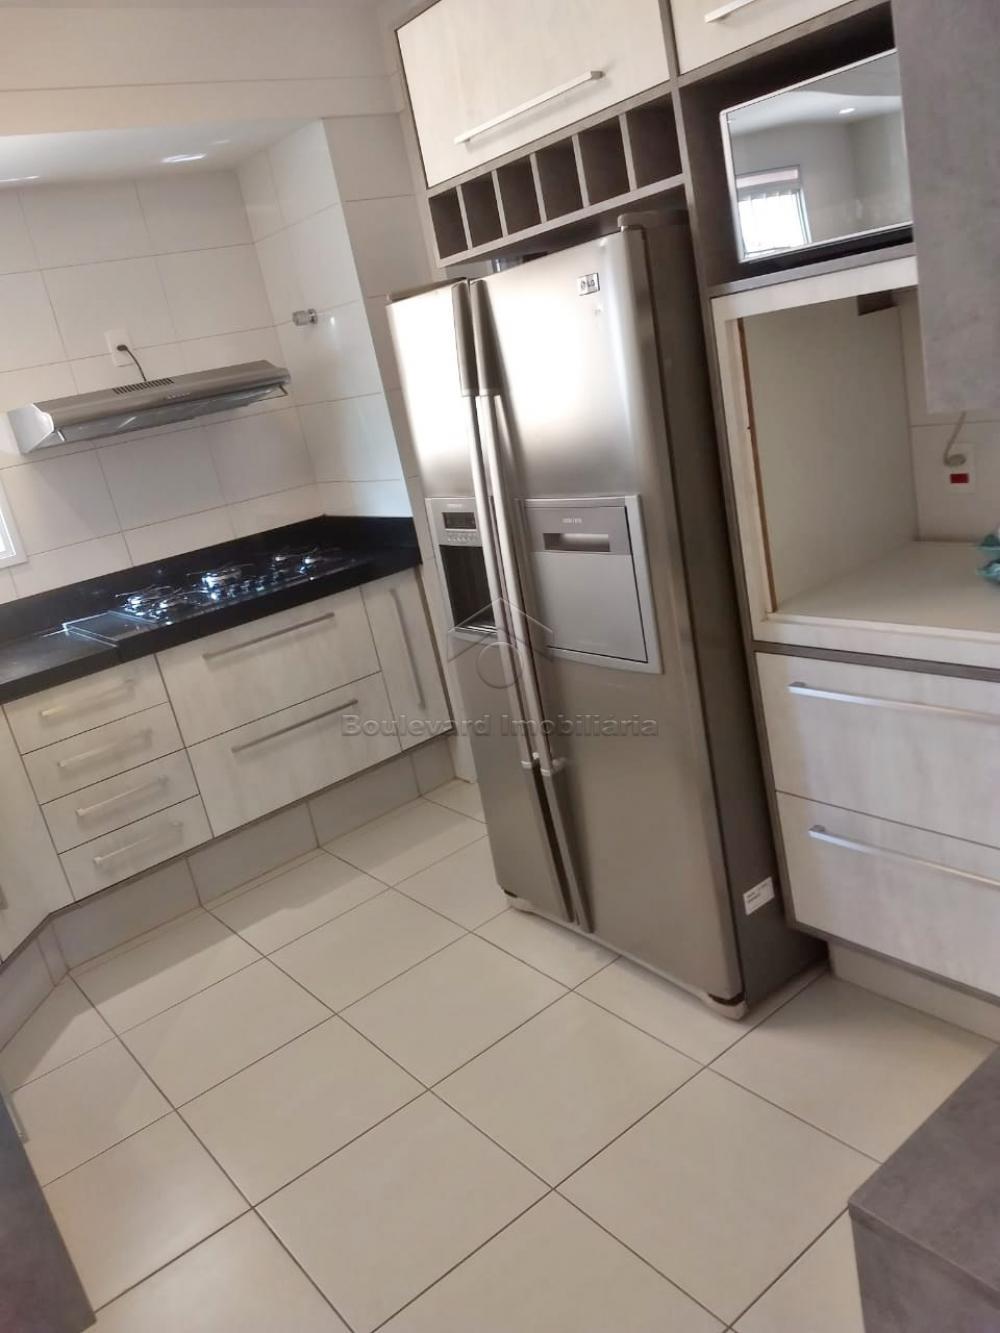 Alugar Apartamento / Padrão em Ribeirão Preto R$ 5.500,00 - Foto 22